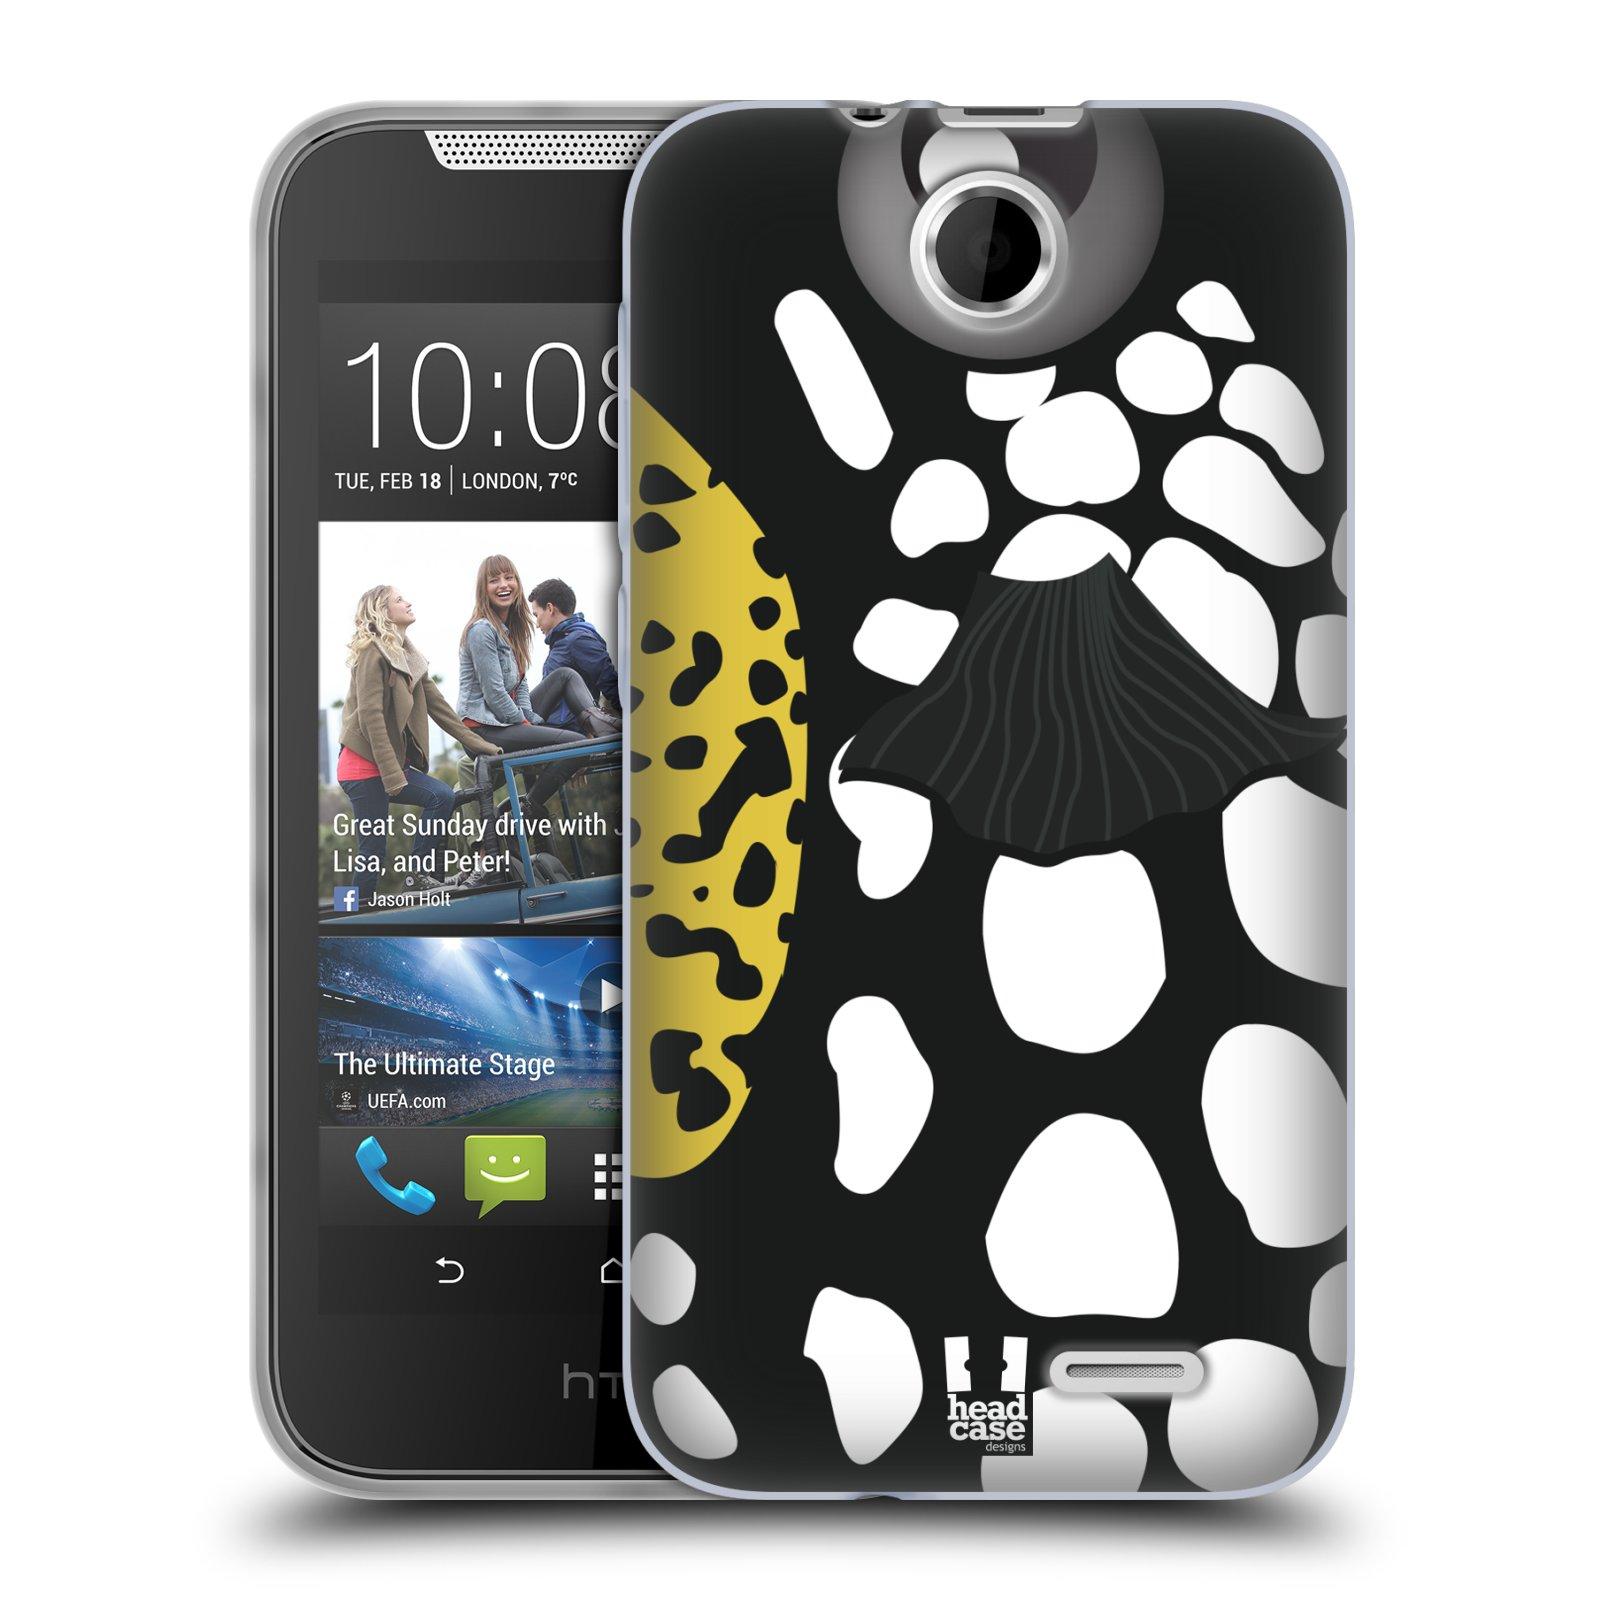 HEAD CASE silikonový obal na mobil HTC DESIRE 310 vzor Rybičky z profilu černá a bílá